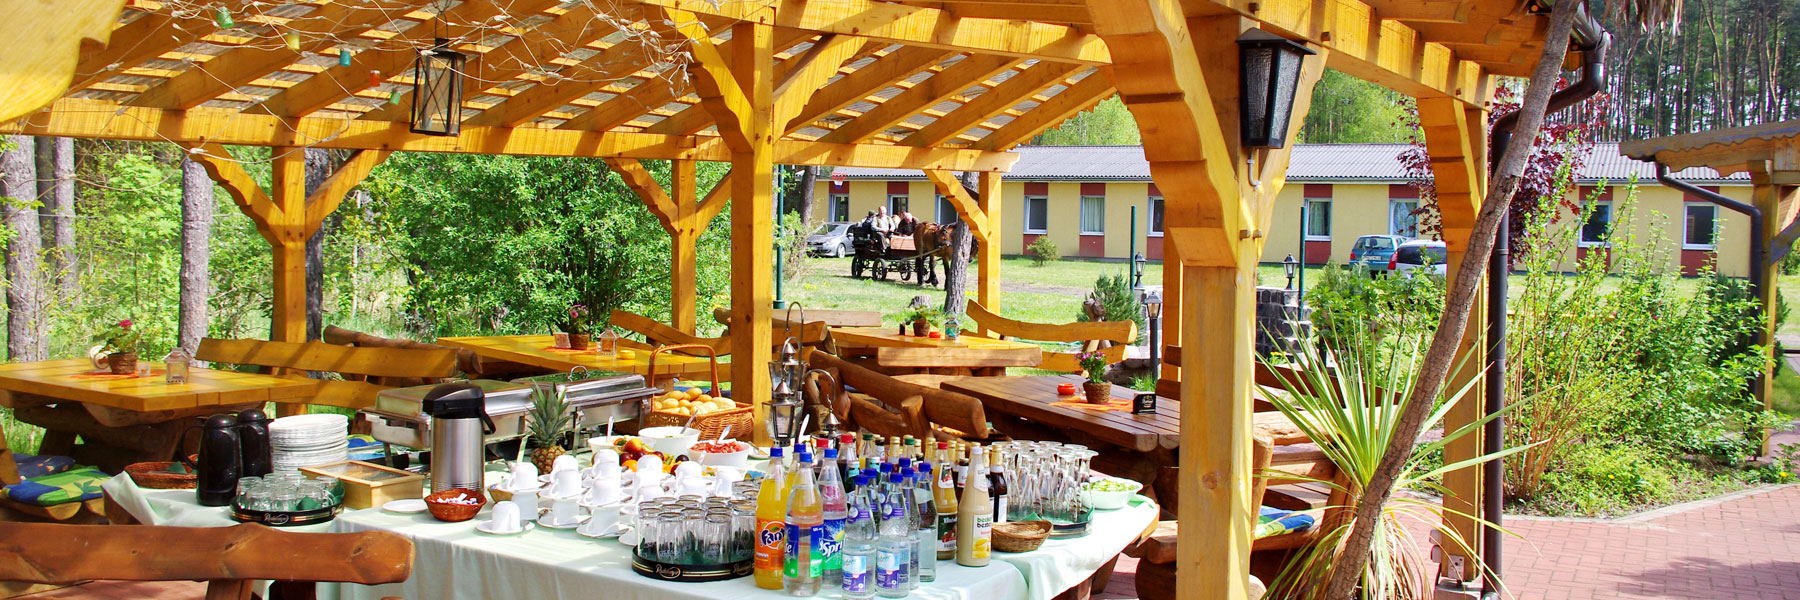 Terrasse - Waldhaus am Ferienpark